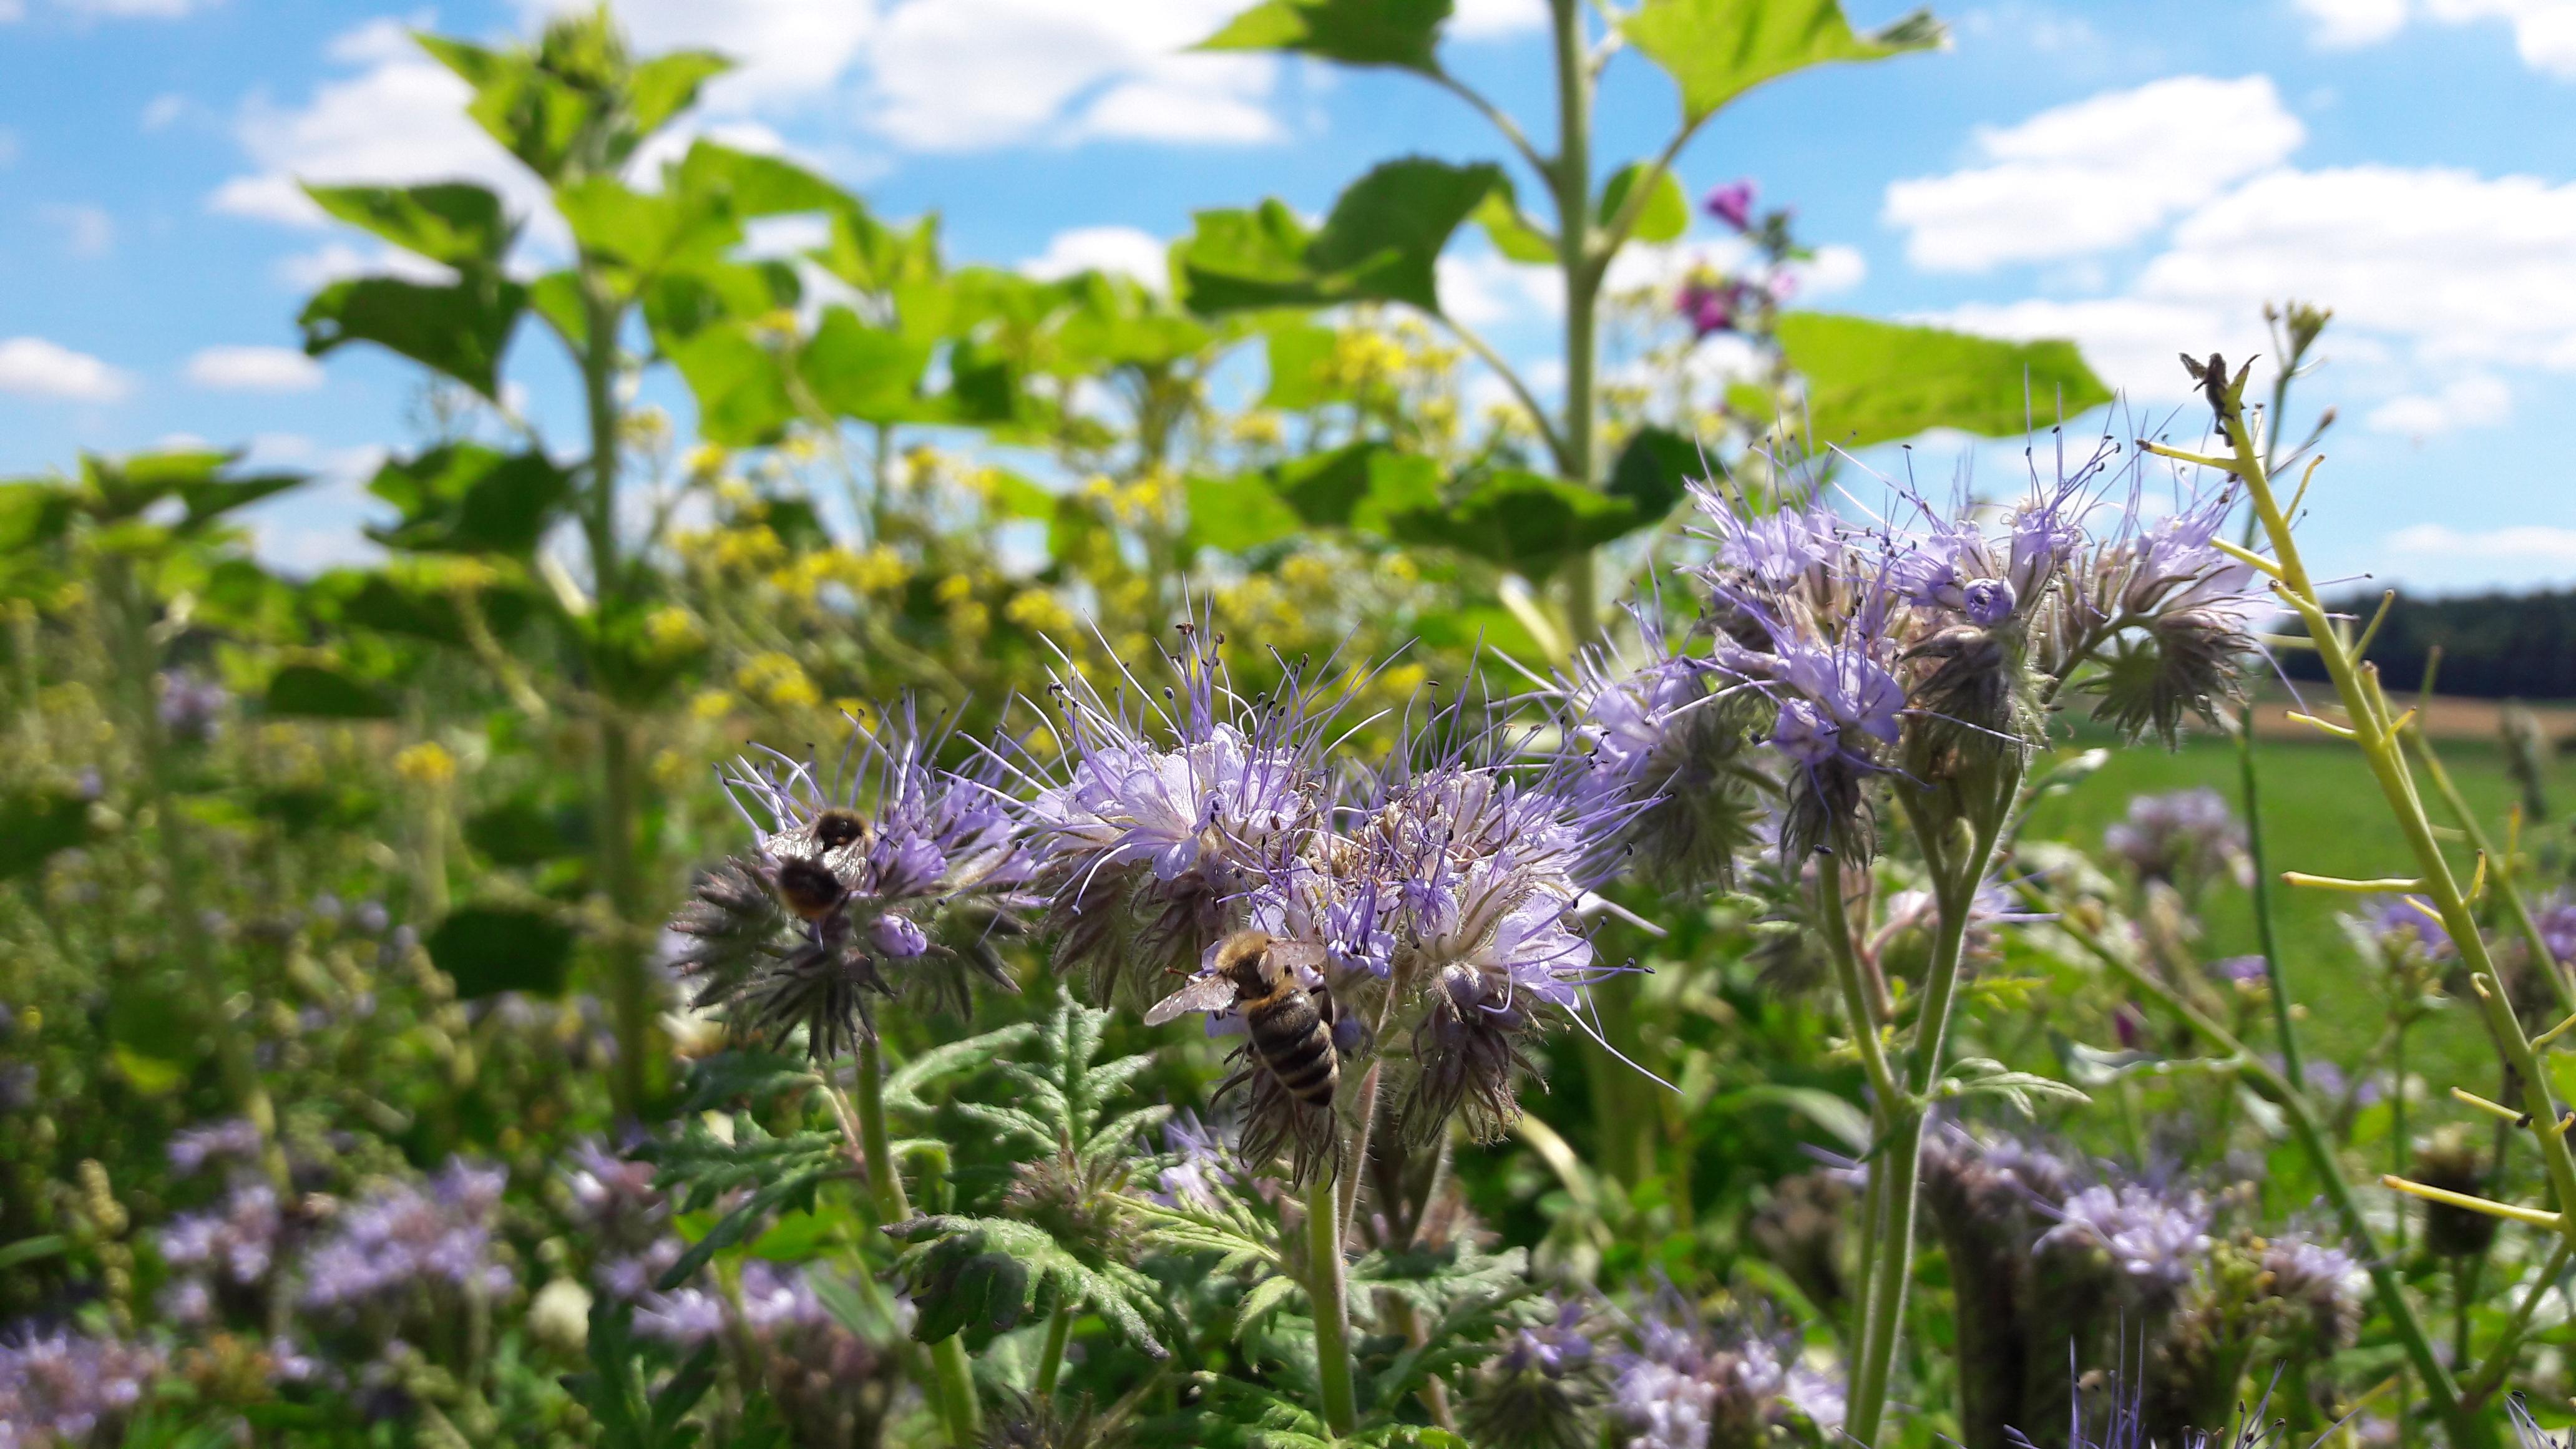 Naturschutzmaßnahmen im Landkreis Sigmaringen gegen Artensterben – 125.237,05 Euro vom Land aus dem Sonderprogramm zur Stärkung der biologischen Vielfalt